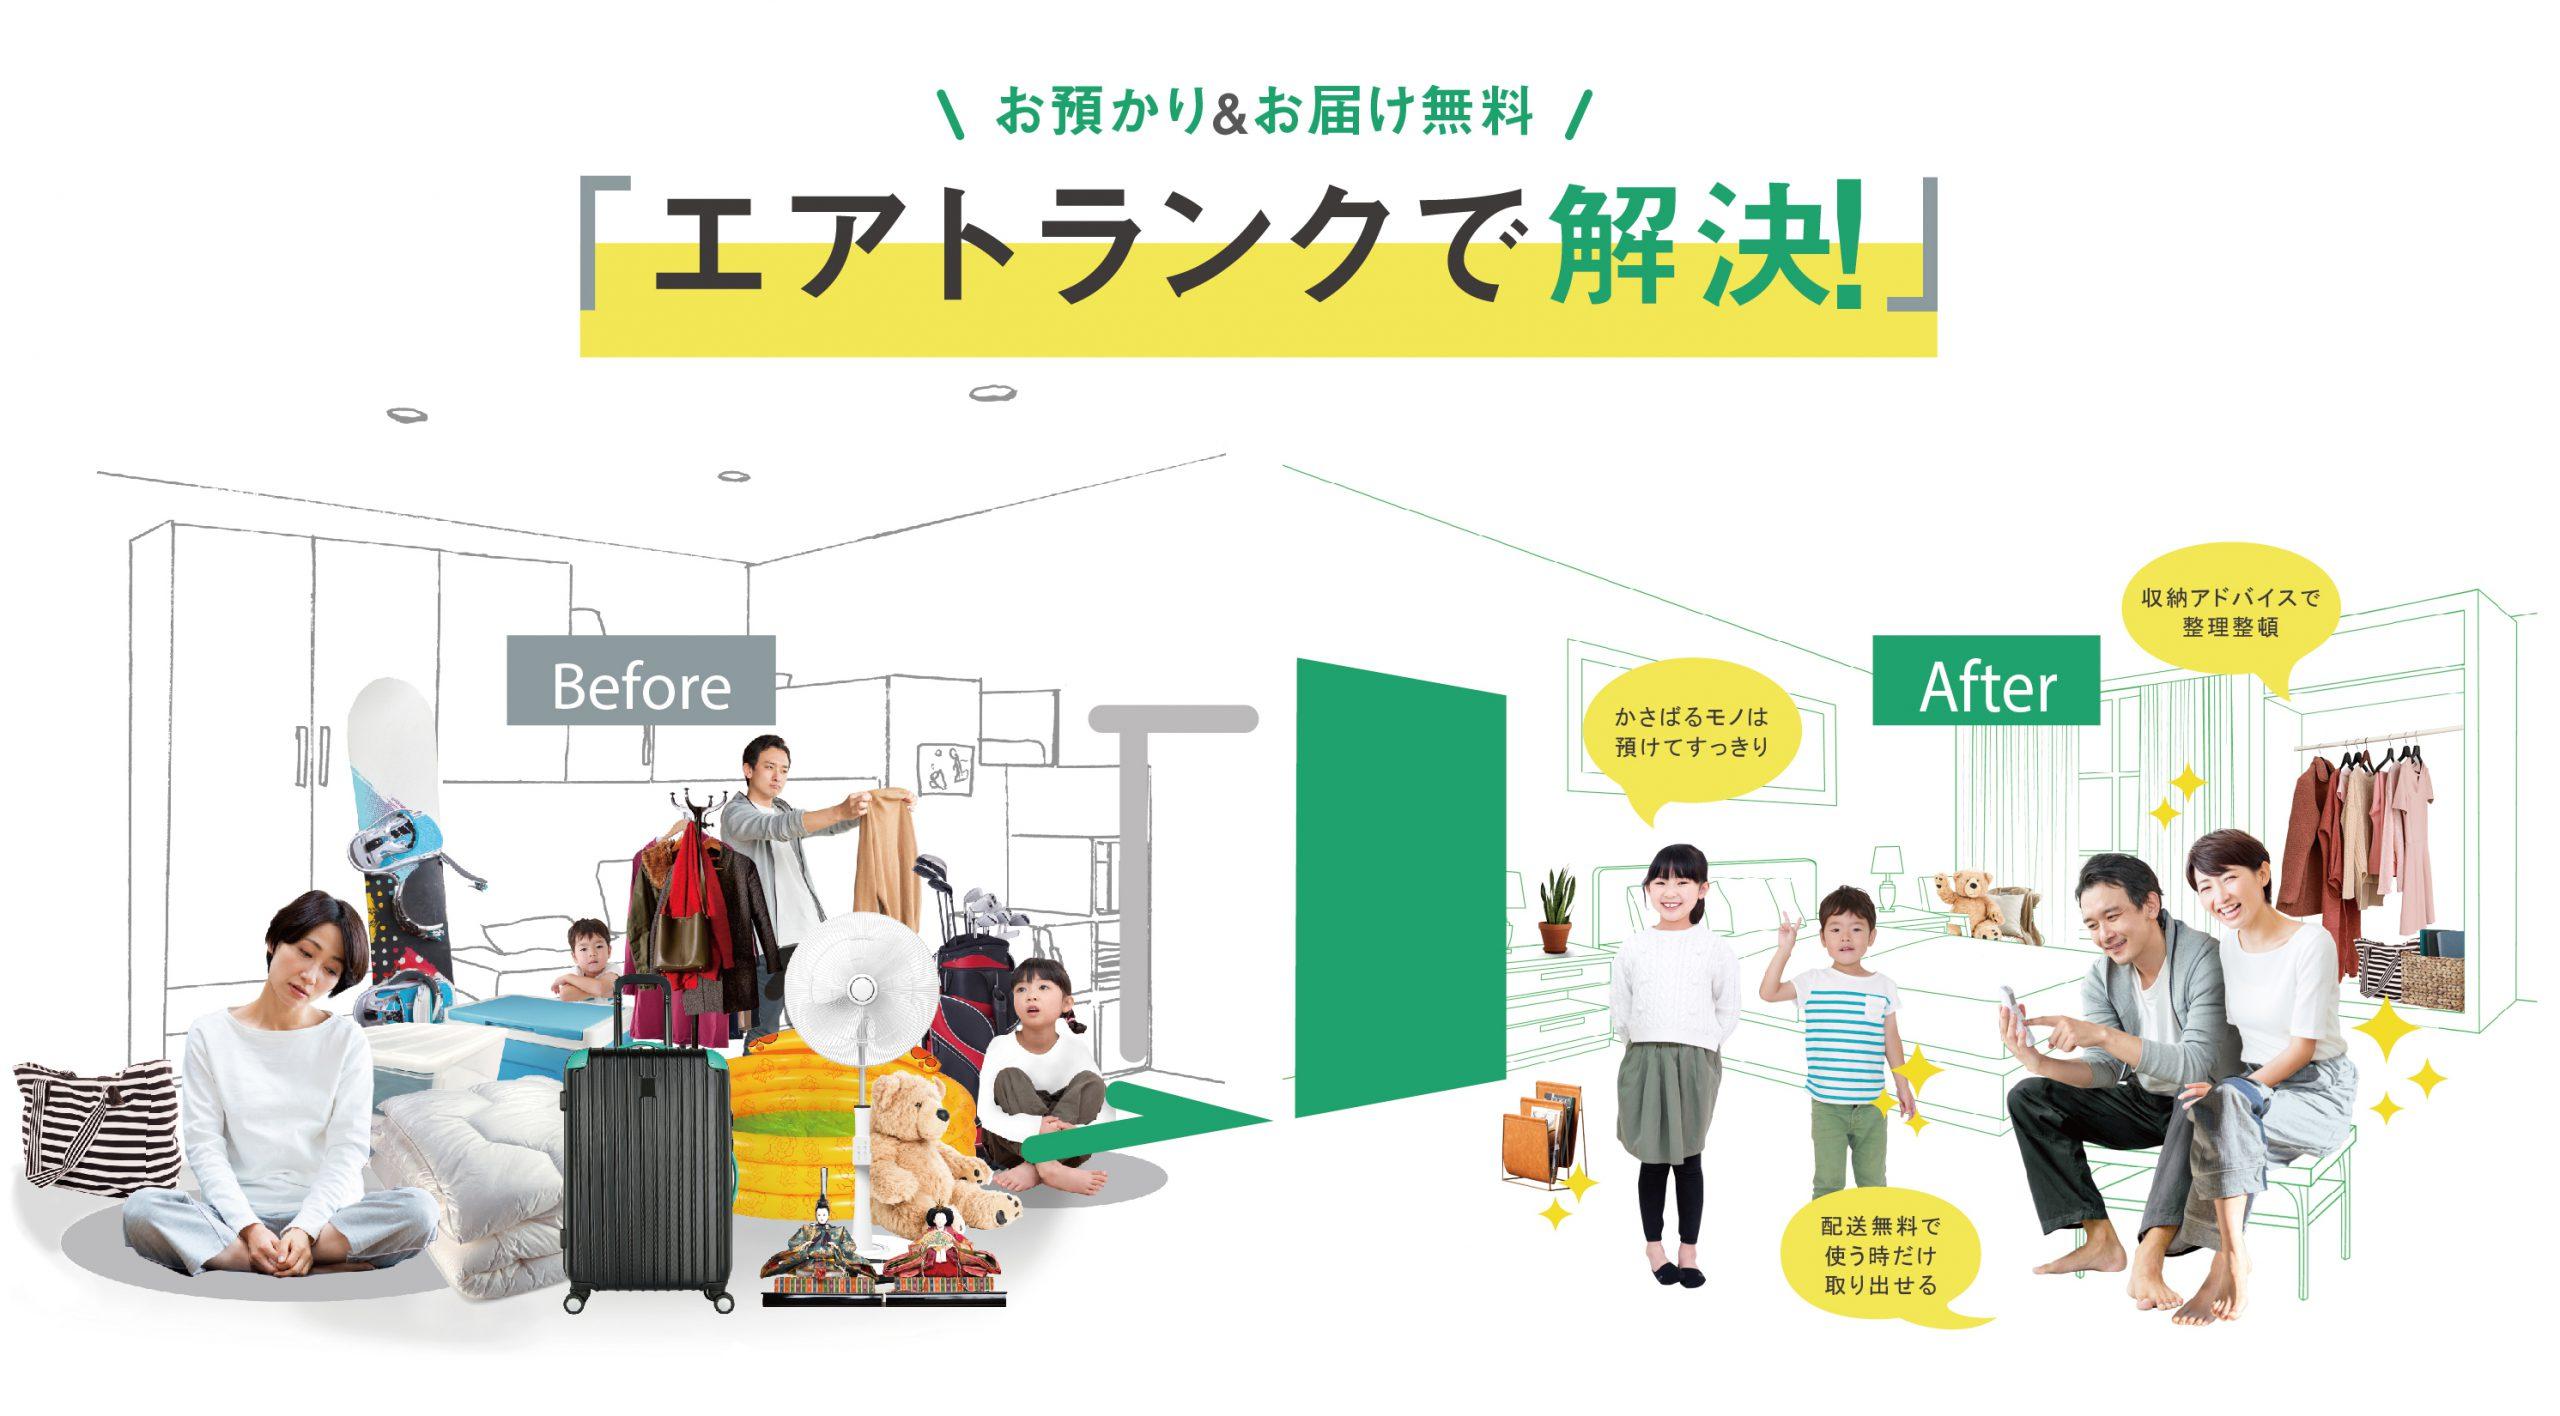 宅配収納サービス〔エアトランク〕 提携記念キャンペーン